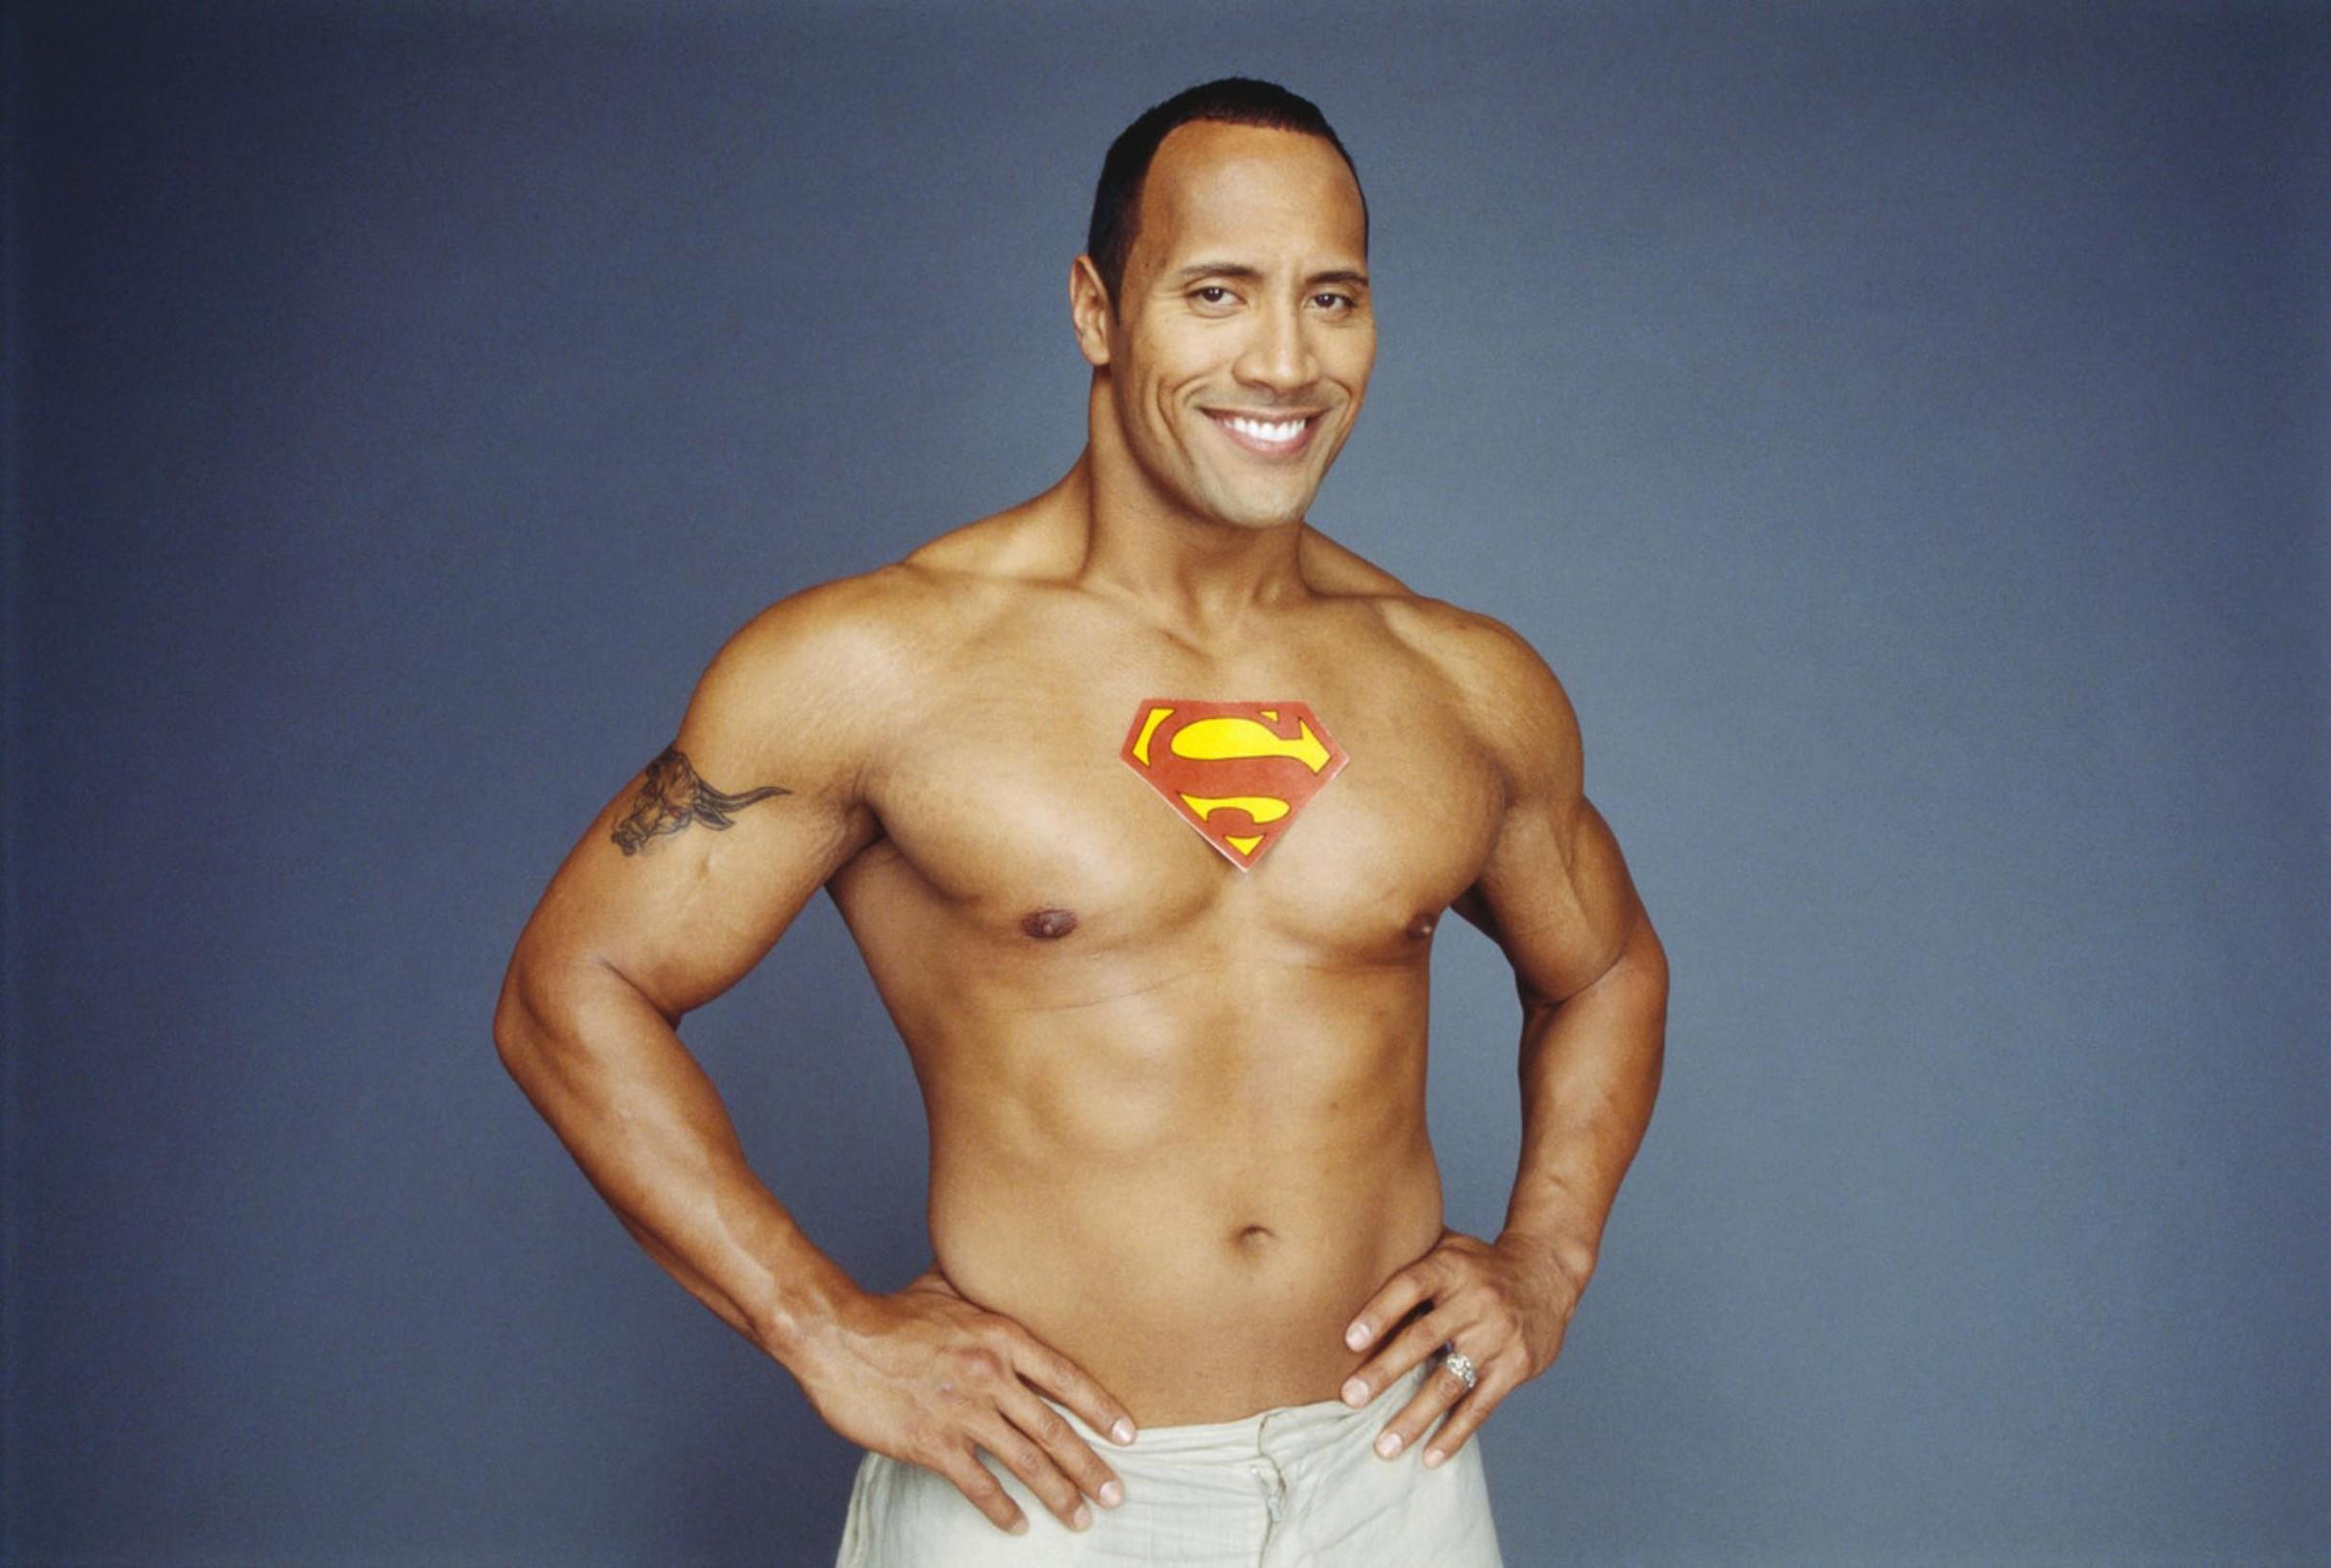 Hintergrundbilder : Modell-, Bodybuilder, Bodybuilding, Dwayne ...